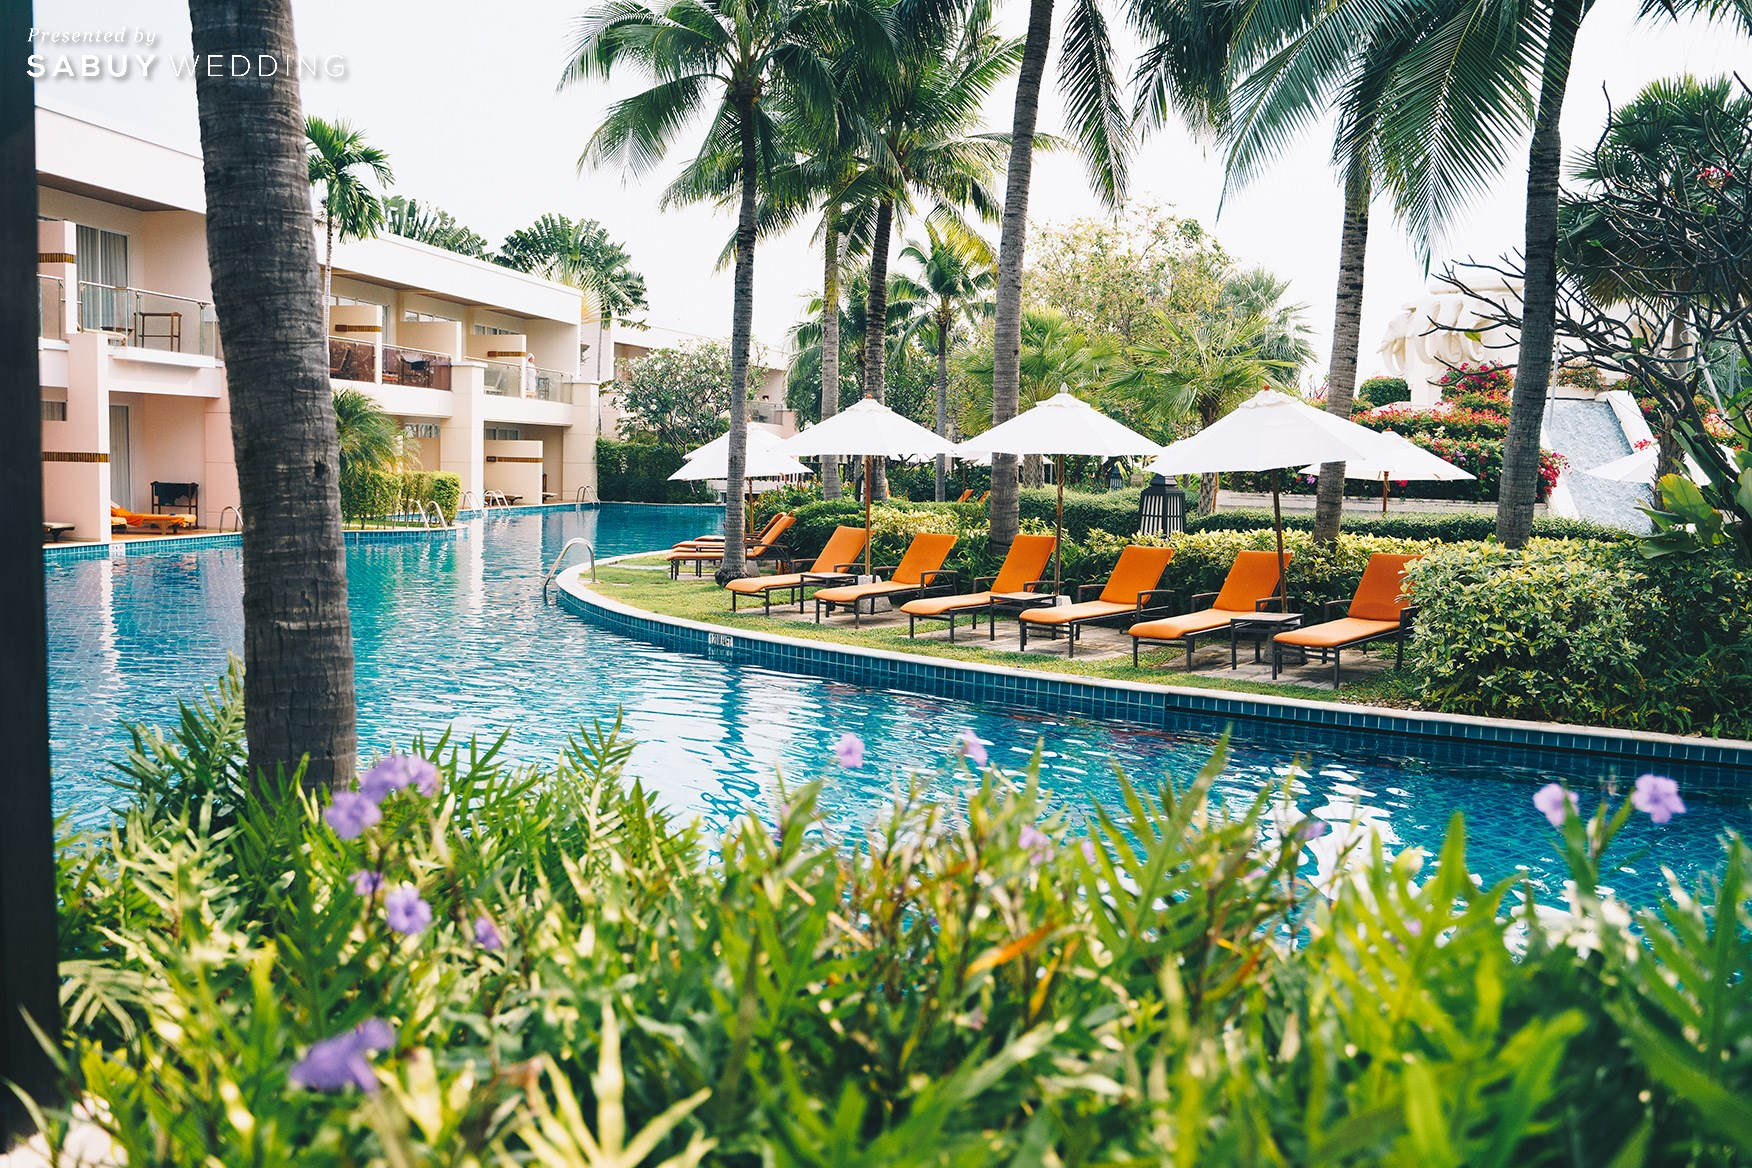 โดดเด่นด้วยสระว่ายน้ำไซส์ใหญ่สไตล์ลากูน พร้อมดื่มด่ำบรรยากาศริมหาด @ Sheraton Hua Hin Resort & Spa